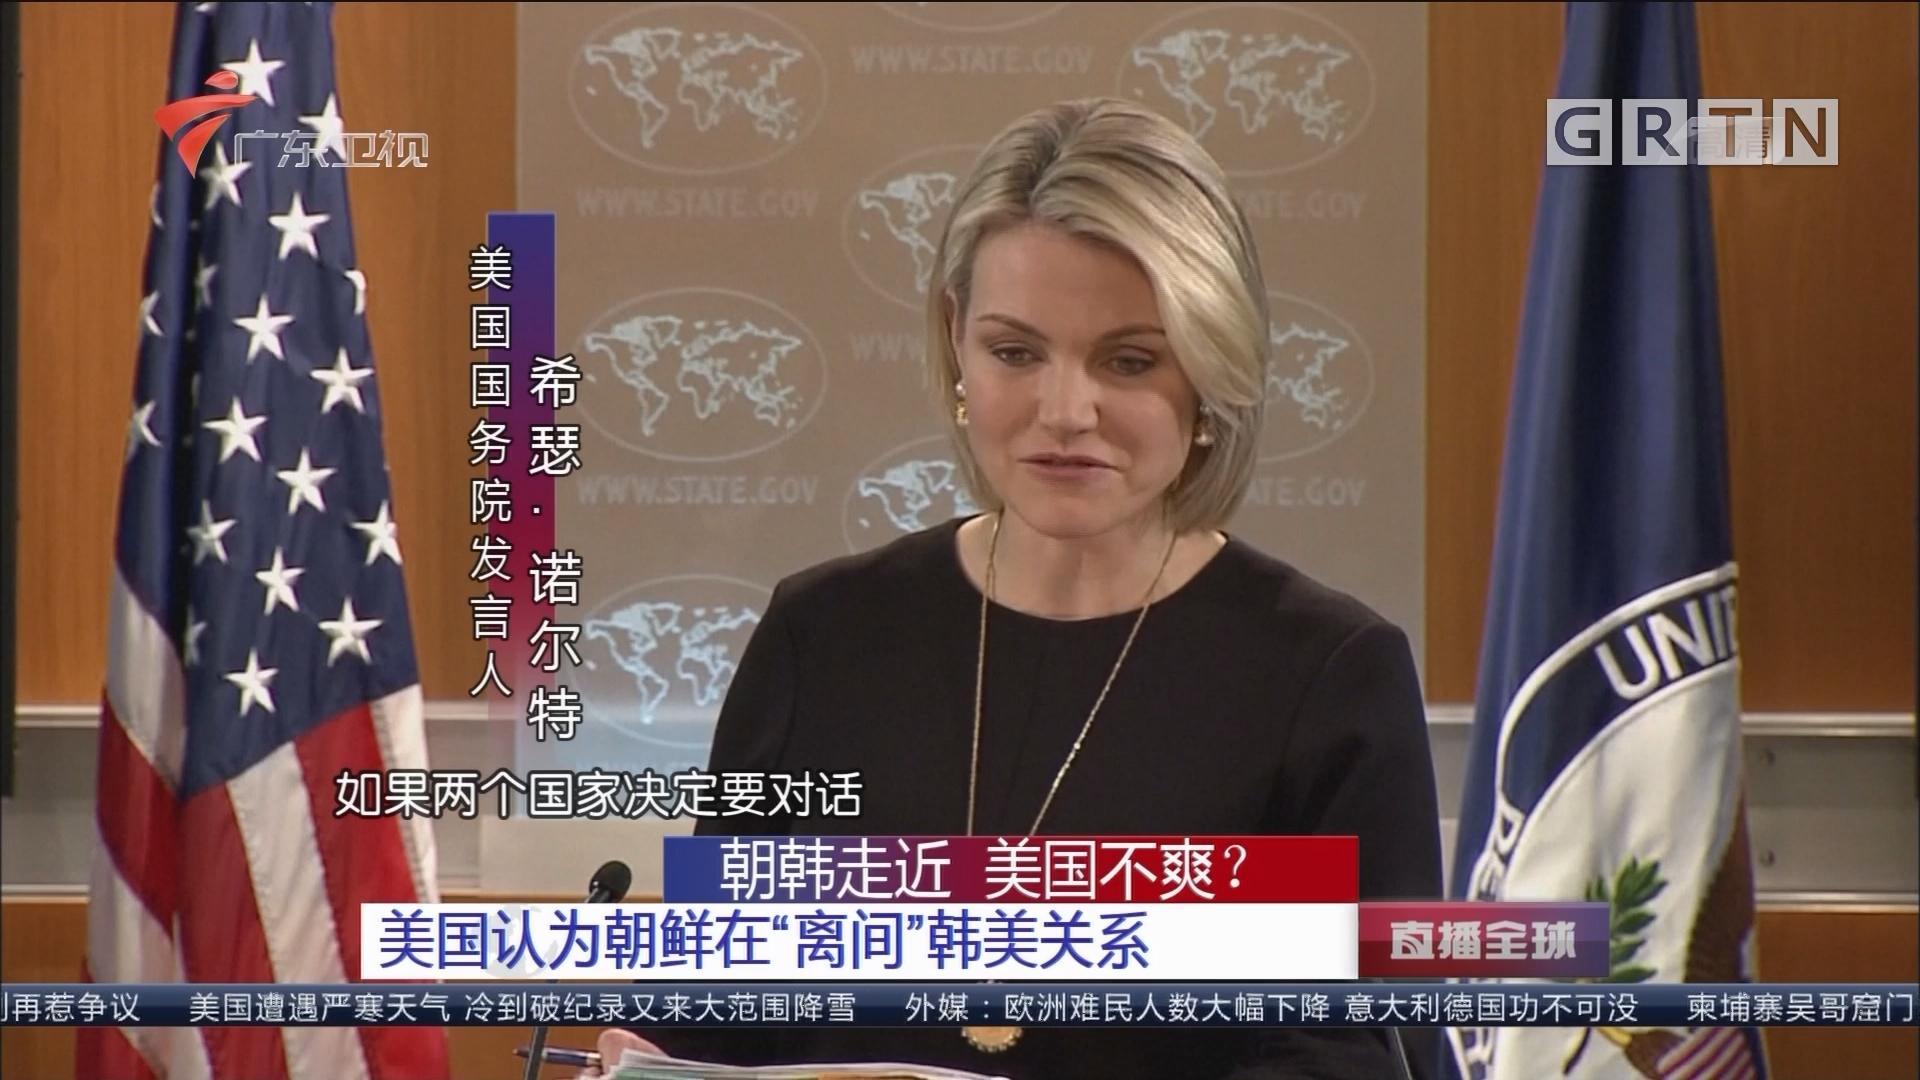 """朝韩走近 美国不爽?美国认为朝鲜在""""离间""""韩美关系?"""